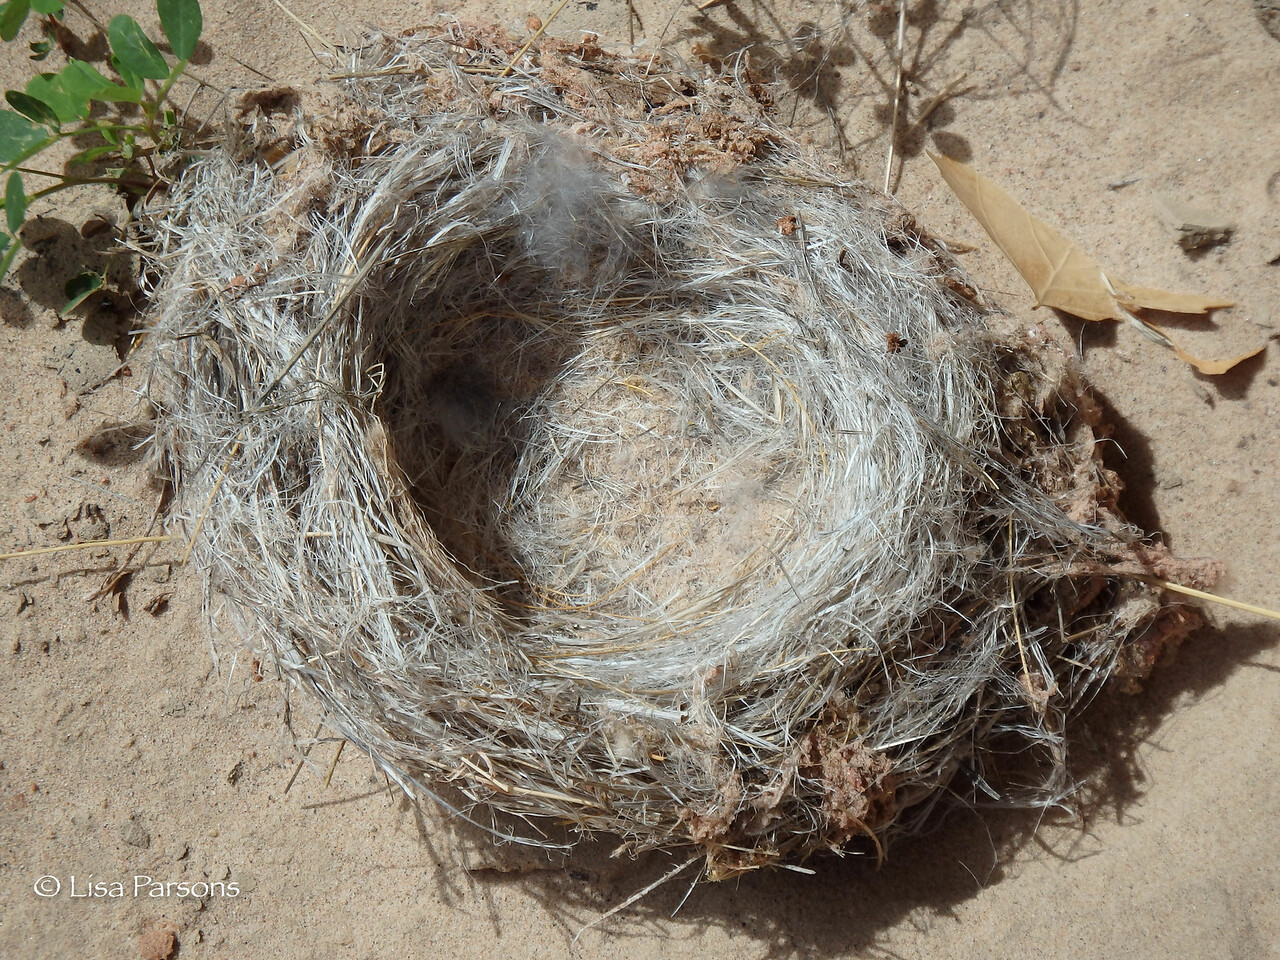 An Empty Bird's Nest